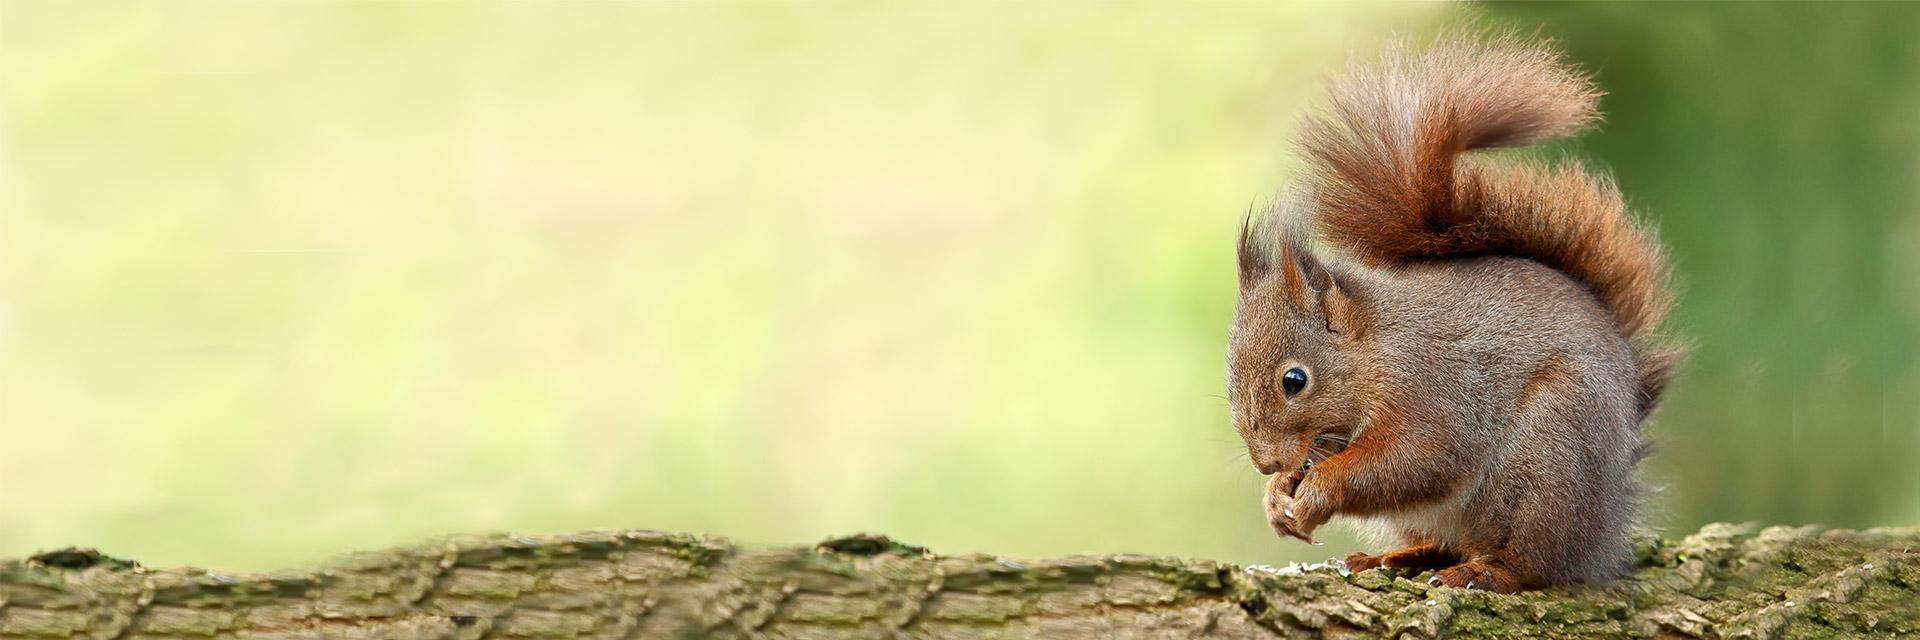 dieren in de vrije natuur, eekhoorns, vossen, ijsvogels, uilen, roofvogels, puffins, insecten, vlinders, libellen, rupsen